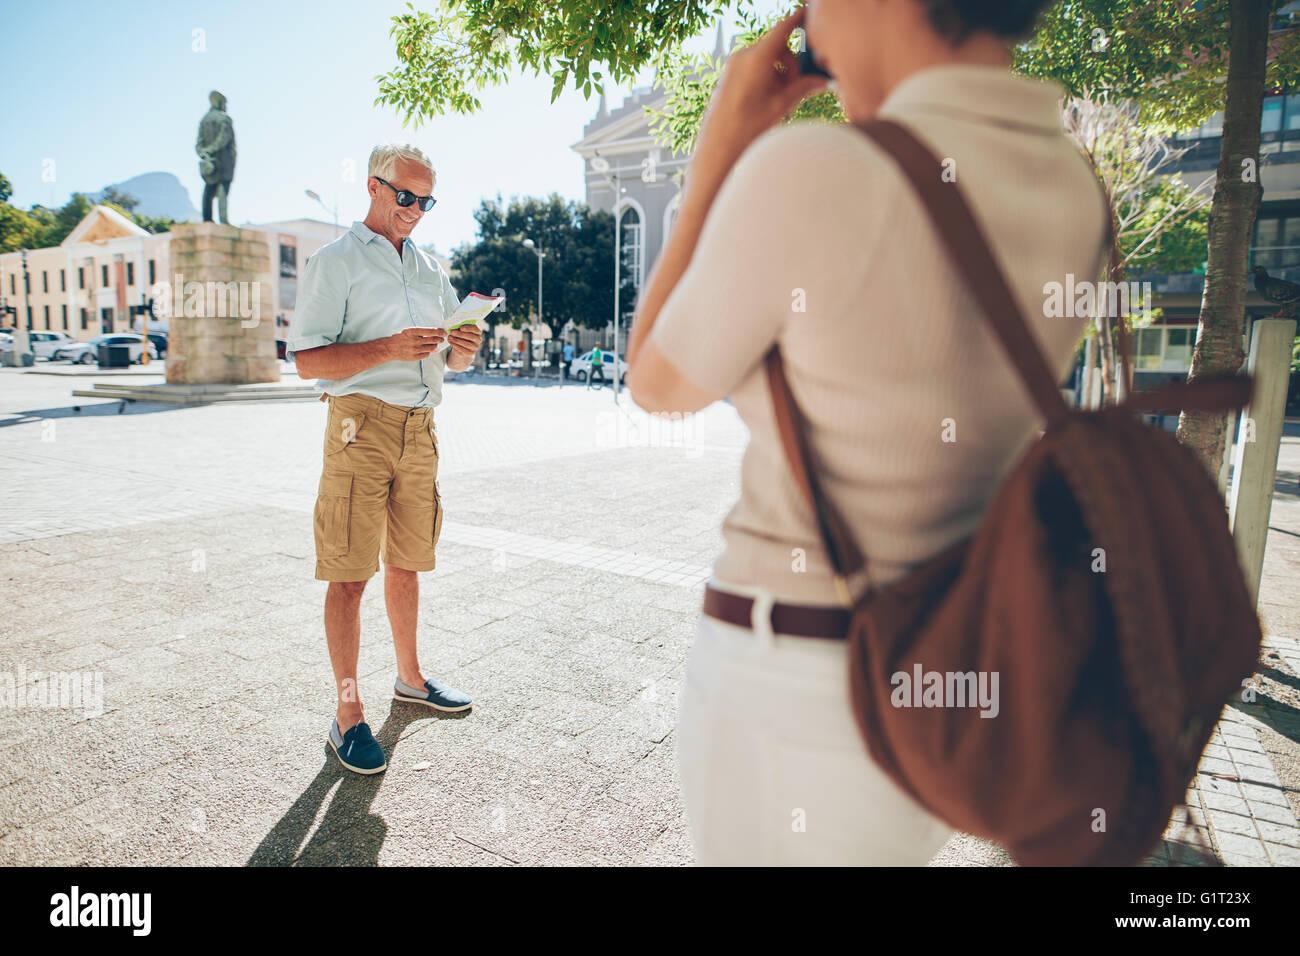 Senior woman, Fotograf von einer Frau in der Stadt während ihres Urlaubs. Älteres paar fotografieren auf Stockbild